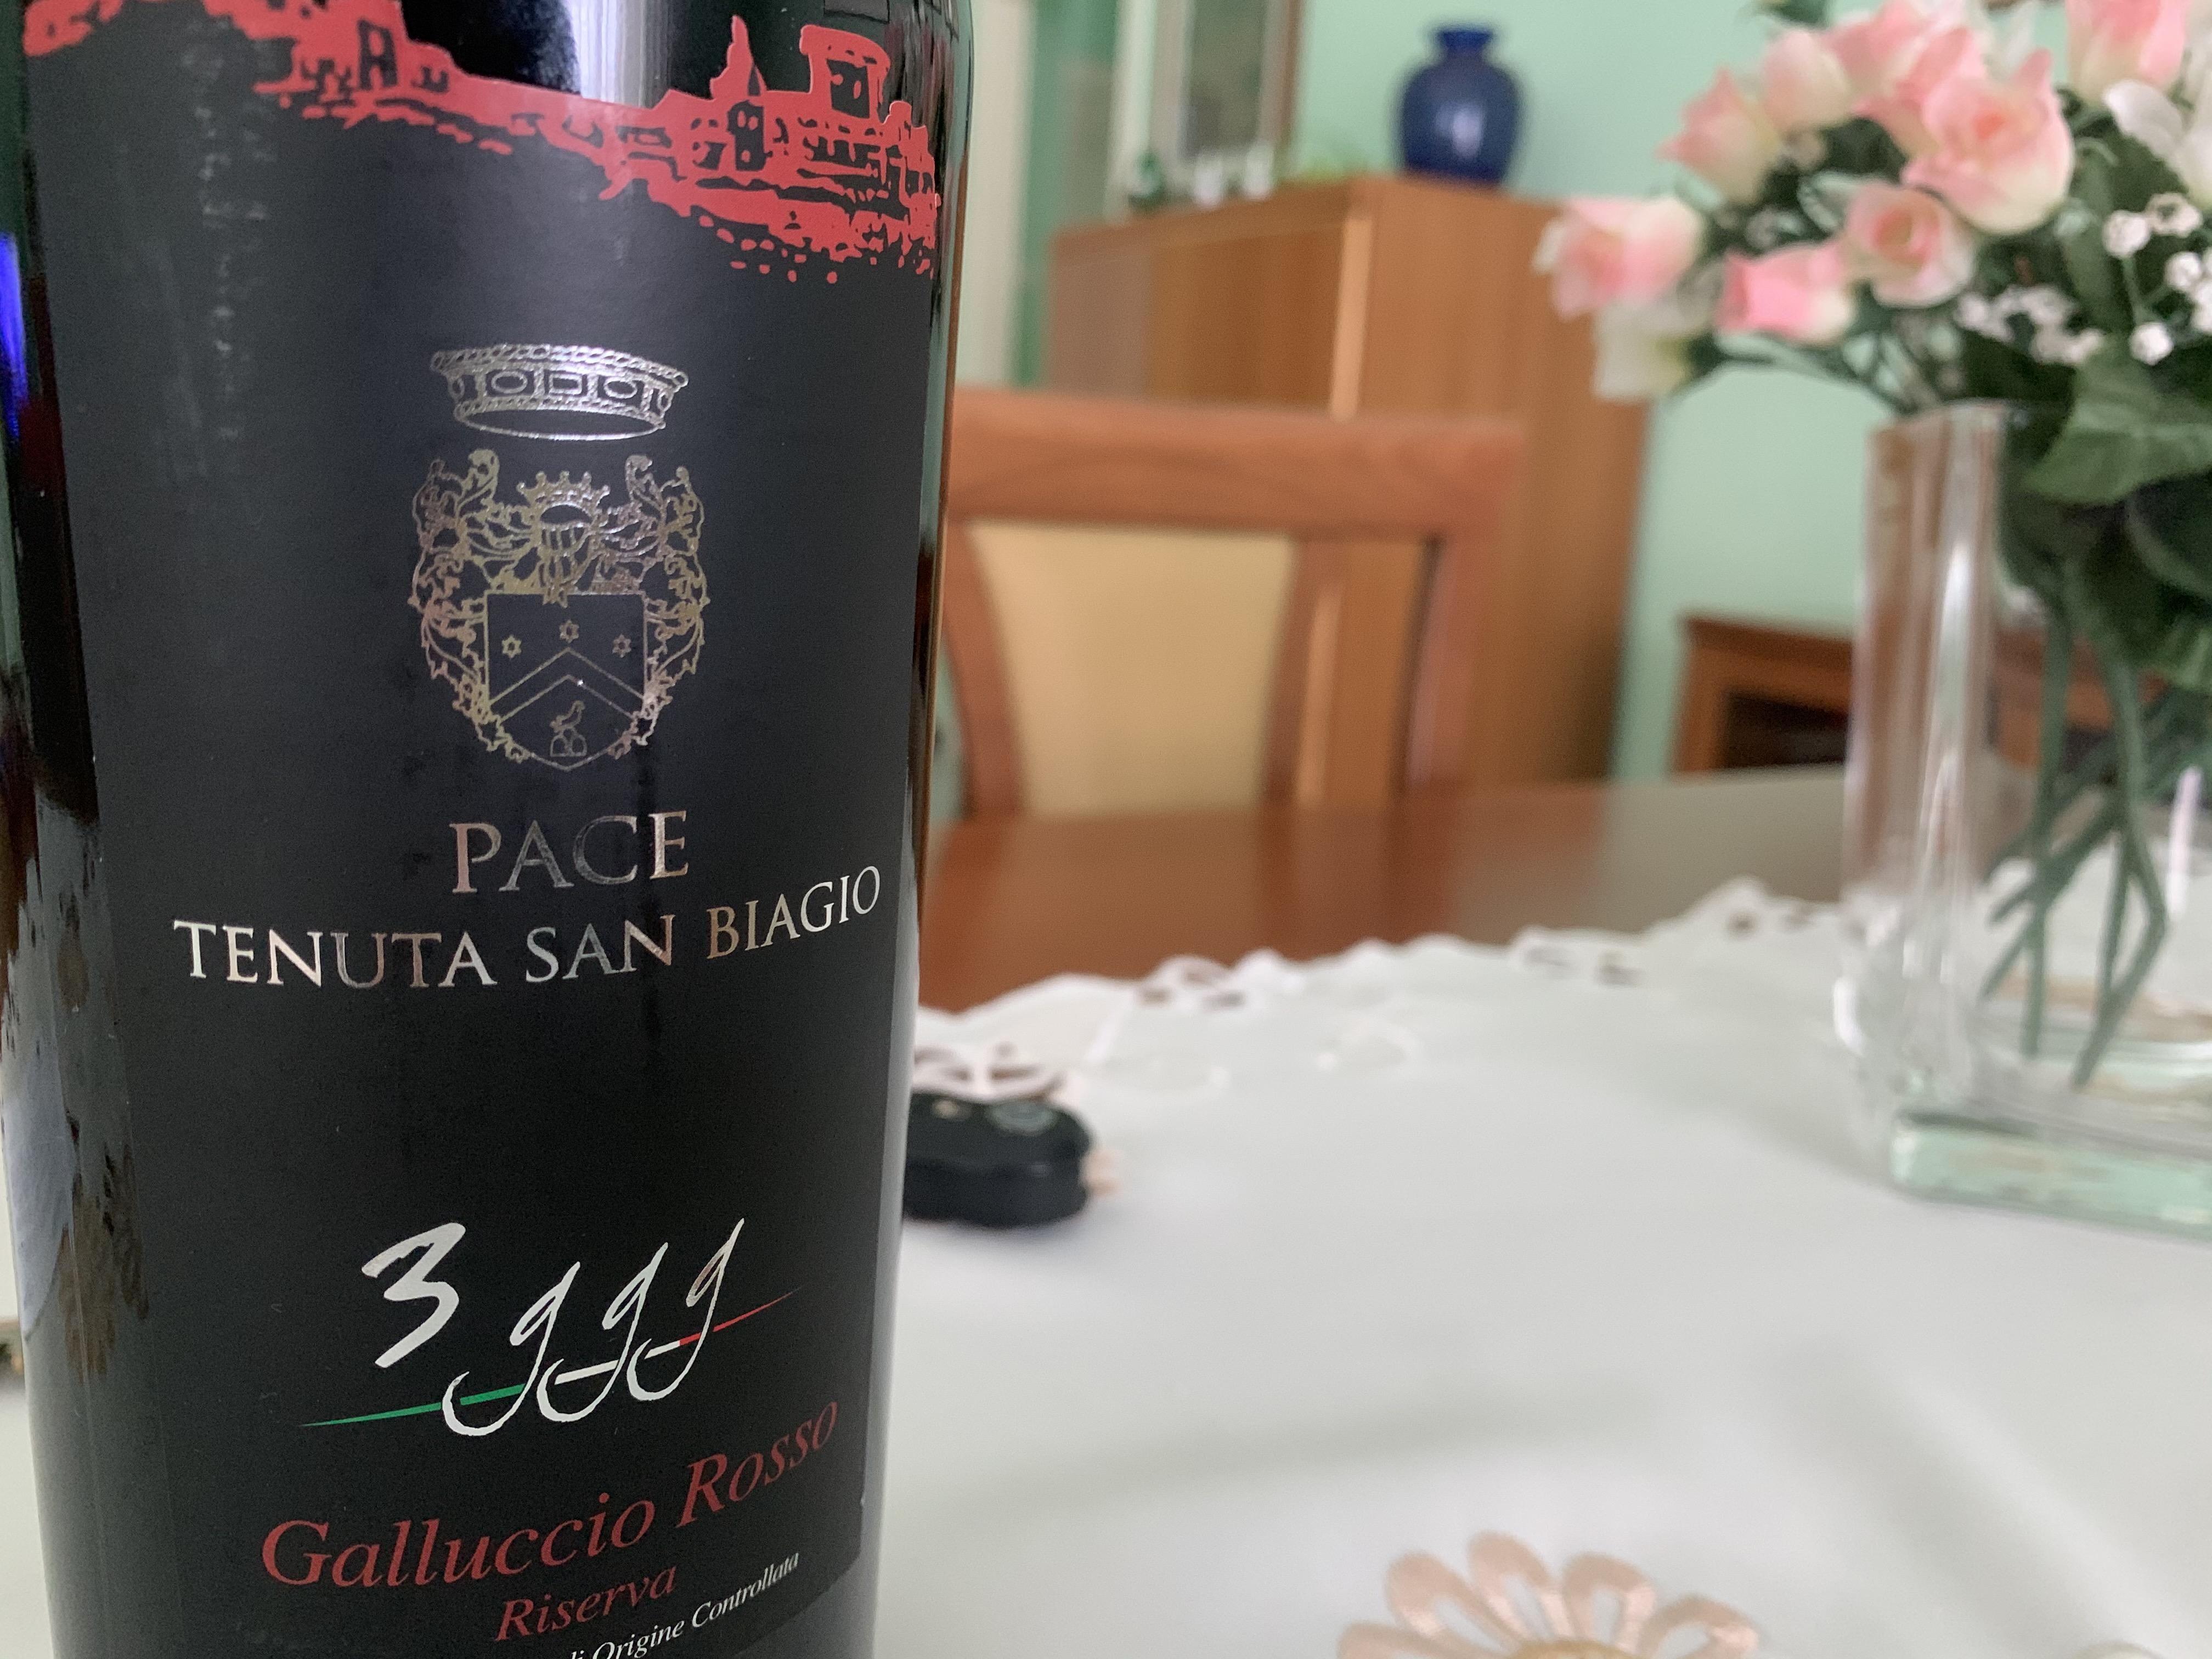 Degustazioni #Iorestoacasa, 3 ggg  Galluccio Rosso Riserva Doc 2012 Pace Tenuta San Biagio